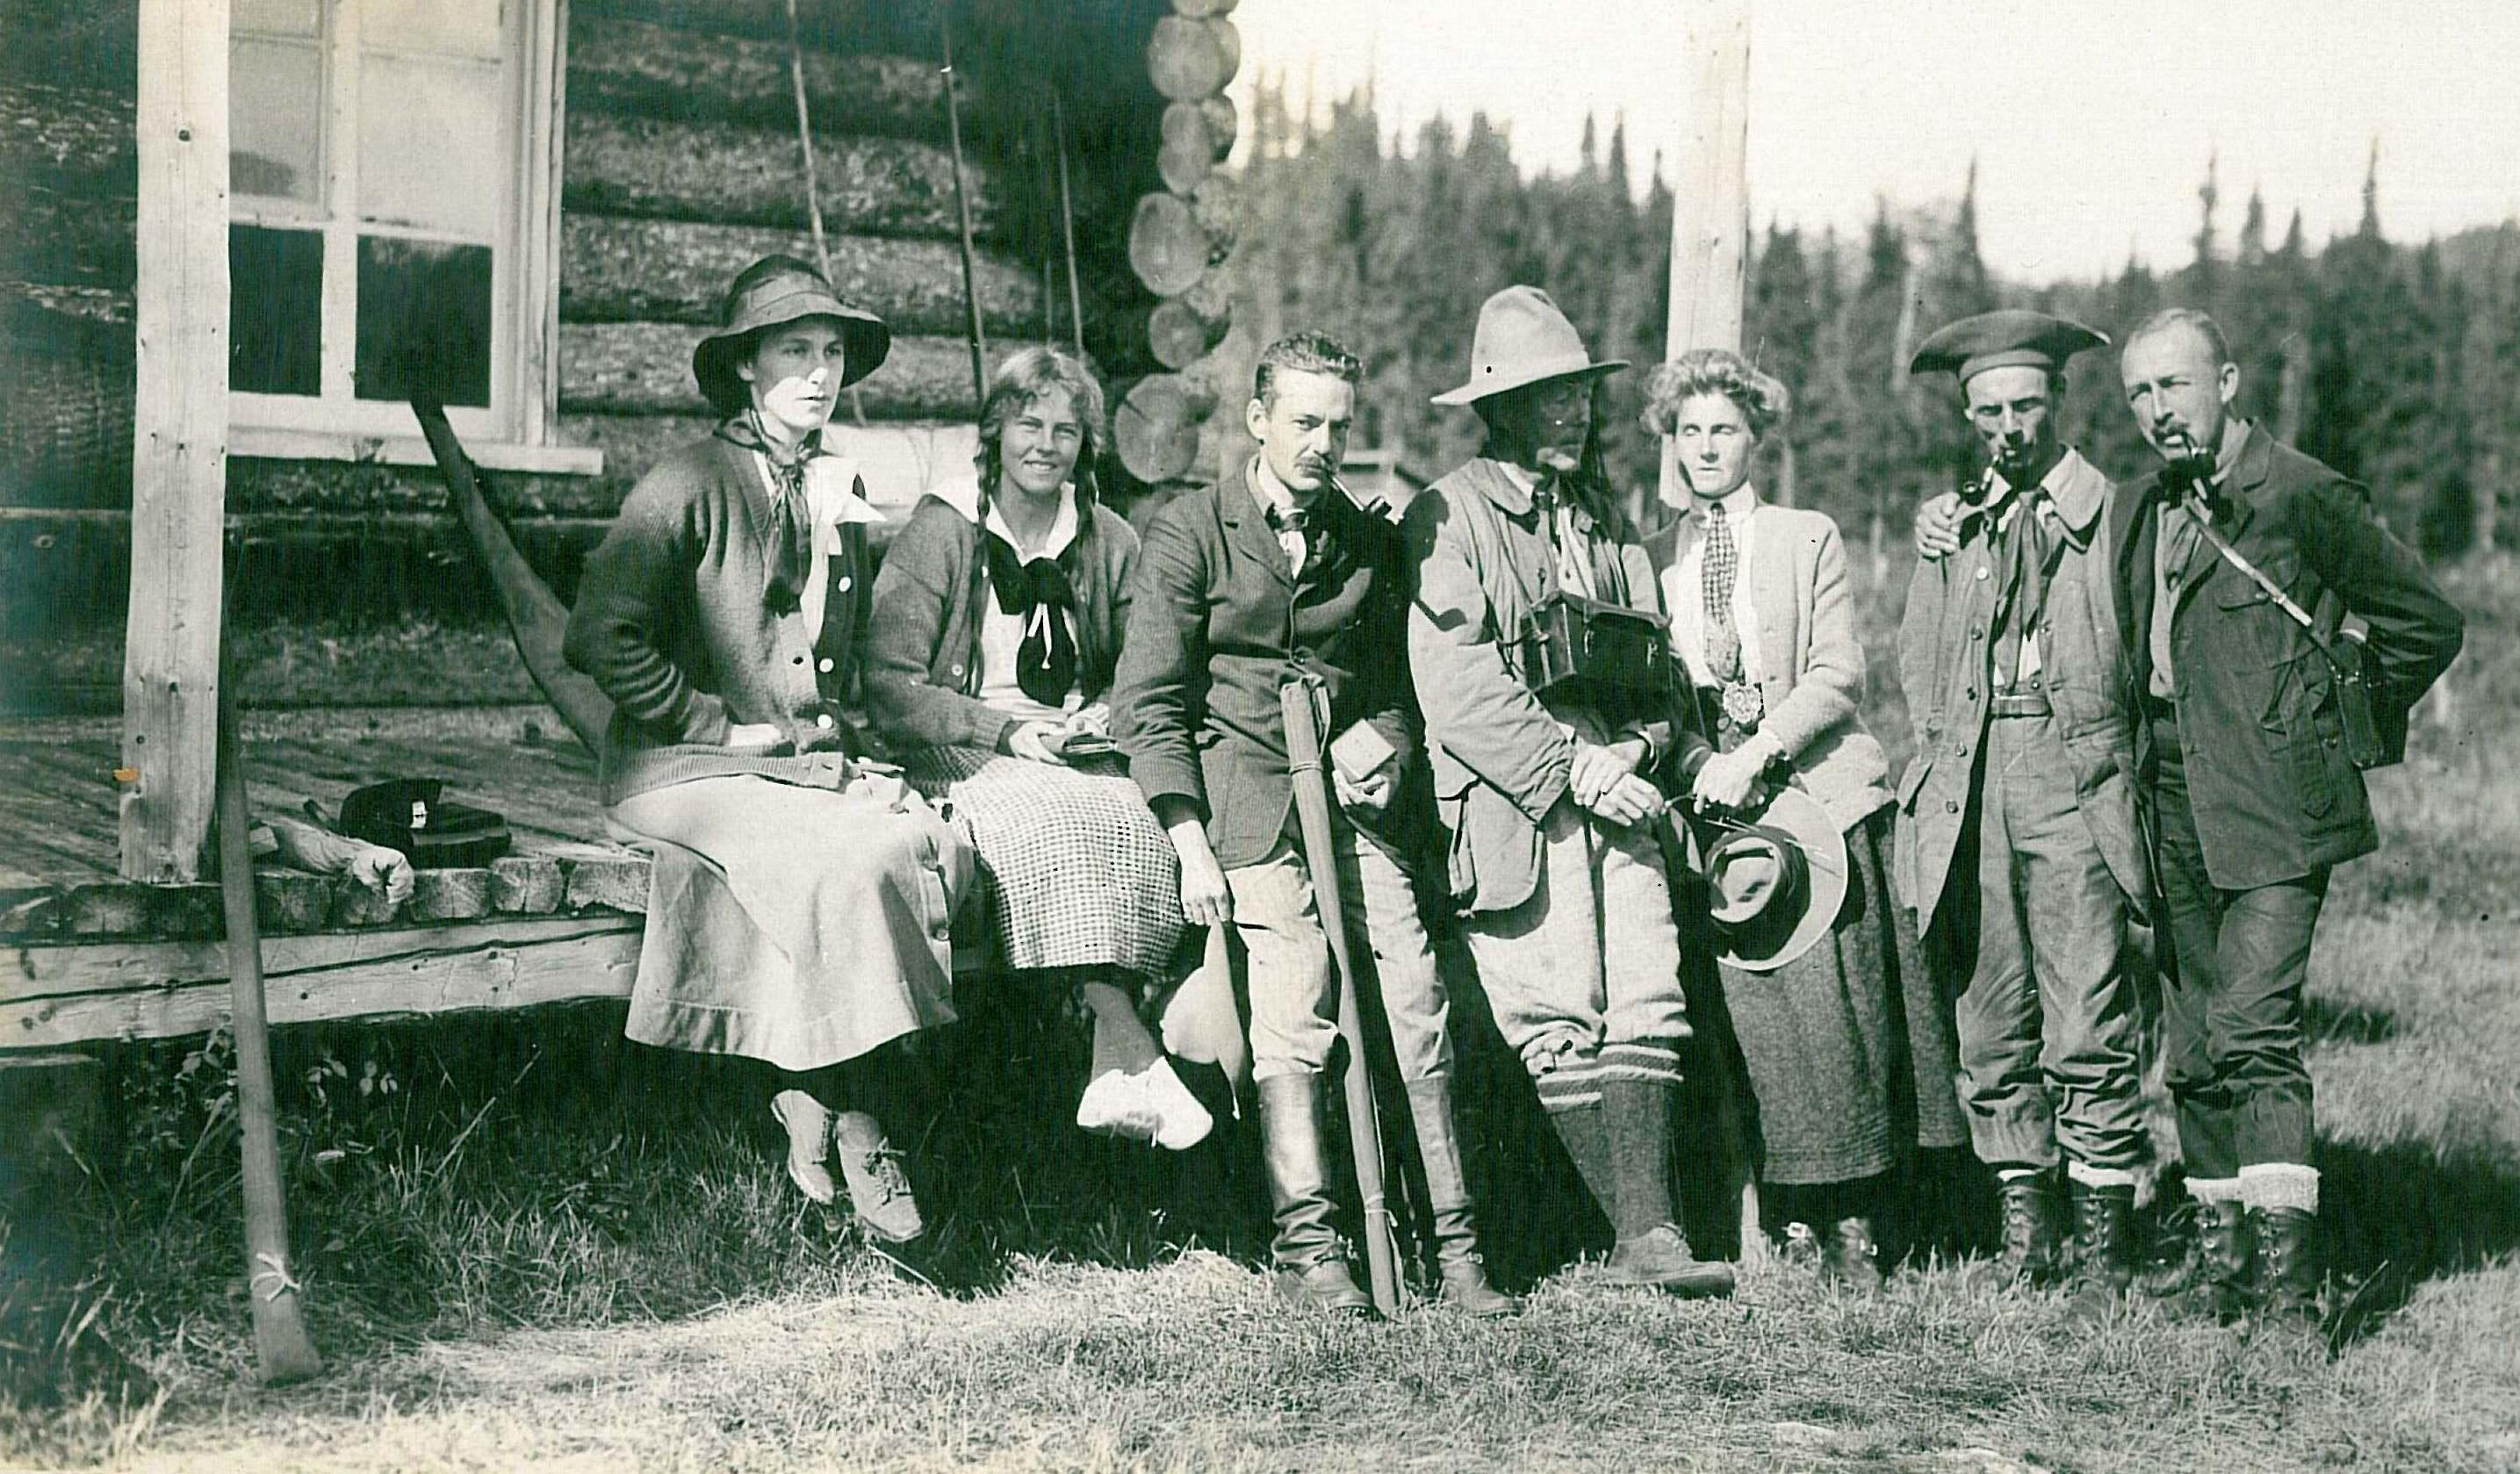 Quatre hommes et trois femmes posent devant un camp de chasse et pêche en rondins.